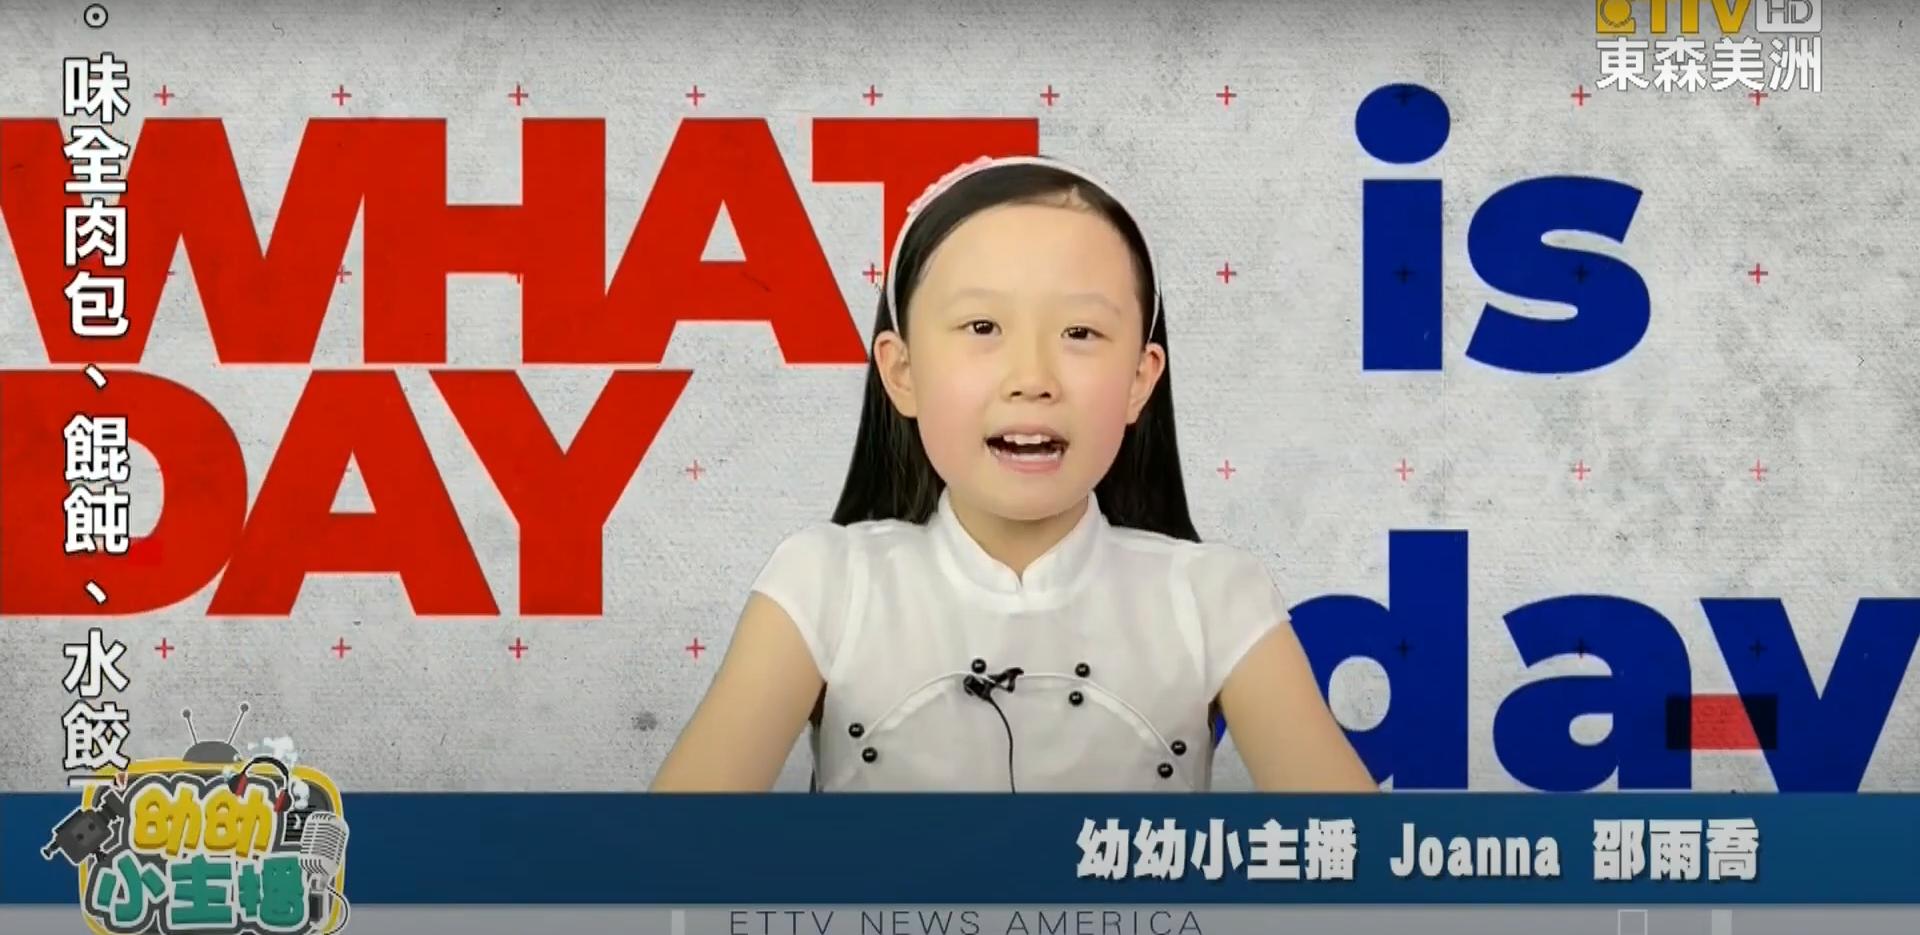 小主播Joanna:7月14日「國家起司通心粉日」歷史悠久的傳統料理